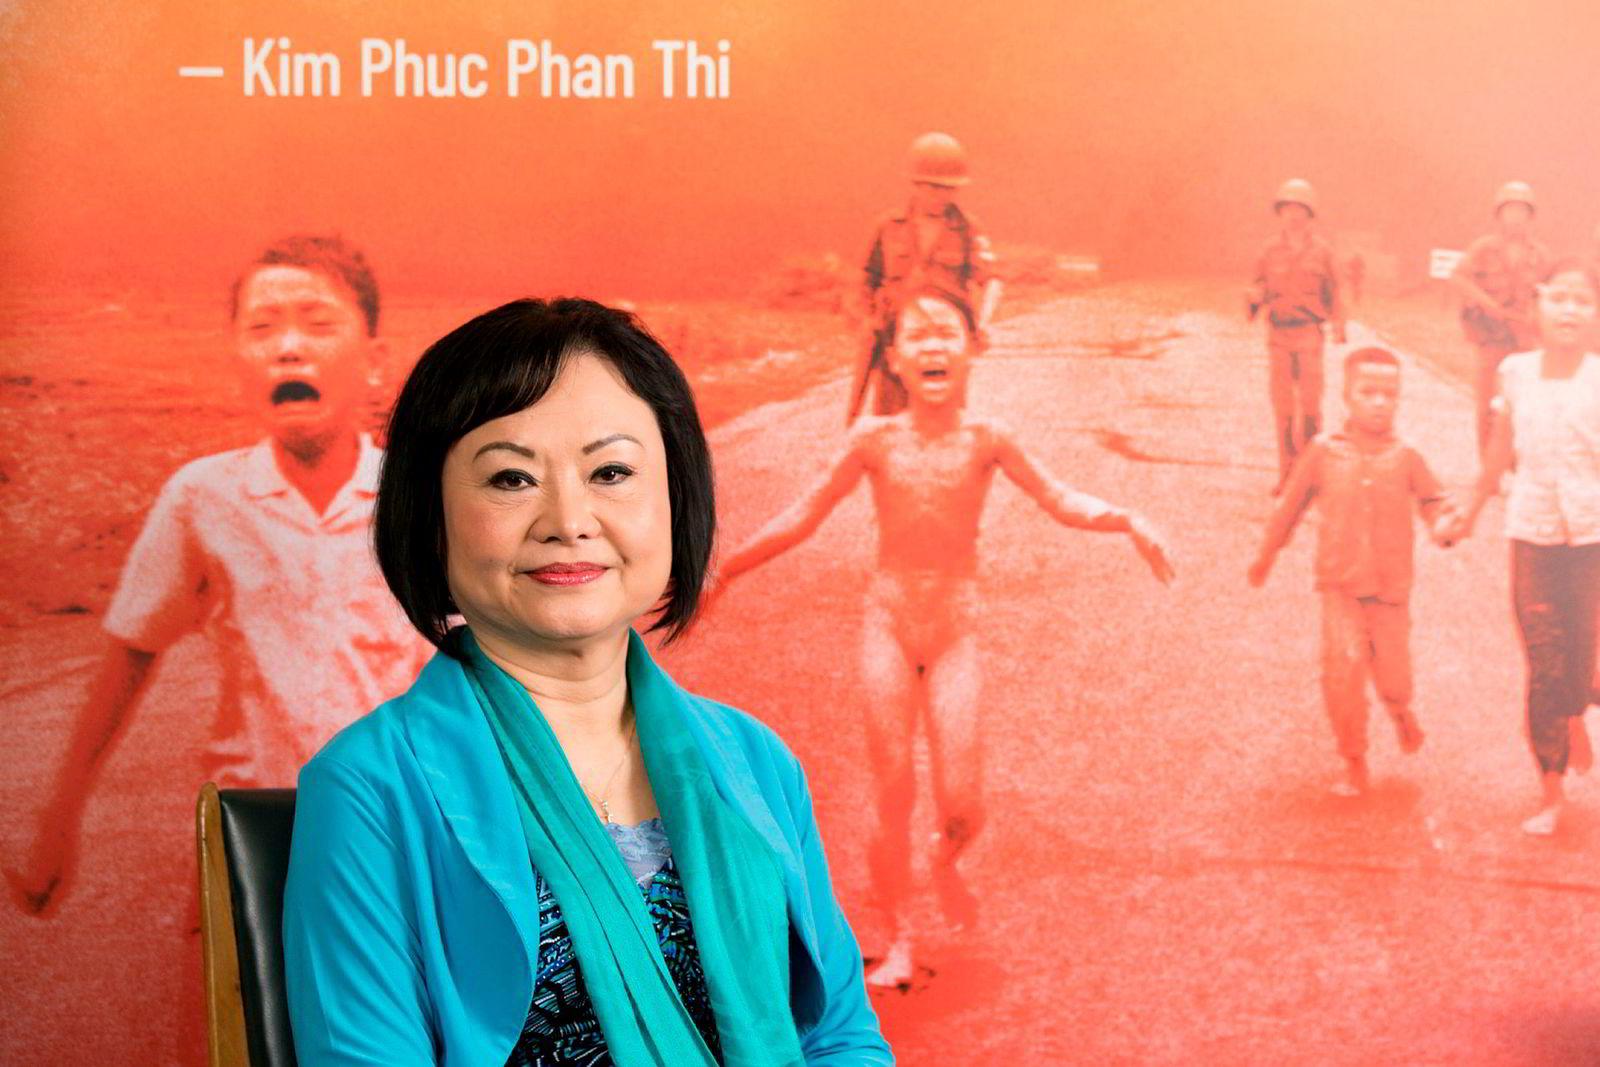 Kim Phuc Phan Thi poserer foran det ikoniske bildet av seg selv som barn i Unescos hovedkvarter i Paris. 47 år etter at fotograf Nick Uts bilde Napalmjenta ble publisert for første gang, er Kim Phuc Phan Thi i Paris i forbindelse med utgivelsen av boken hennes «Sauv e de l'enfer» (Reddet fra helvete), skrevet for å fortelle historien om den åndelige reisen som brakte henne til ro. Kim Phuc Phan Thi ble alvorlig skadet av napalm som ble sluppet over landsbyen hennes under Vietnamkrigen.